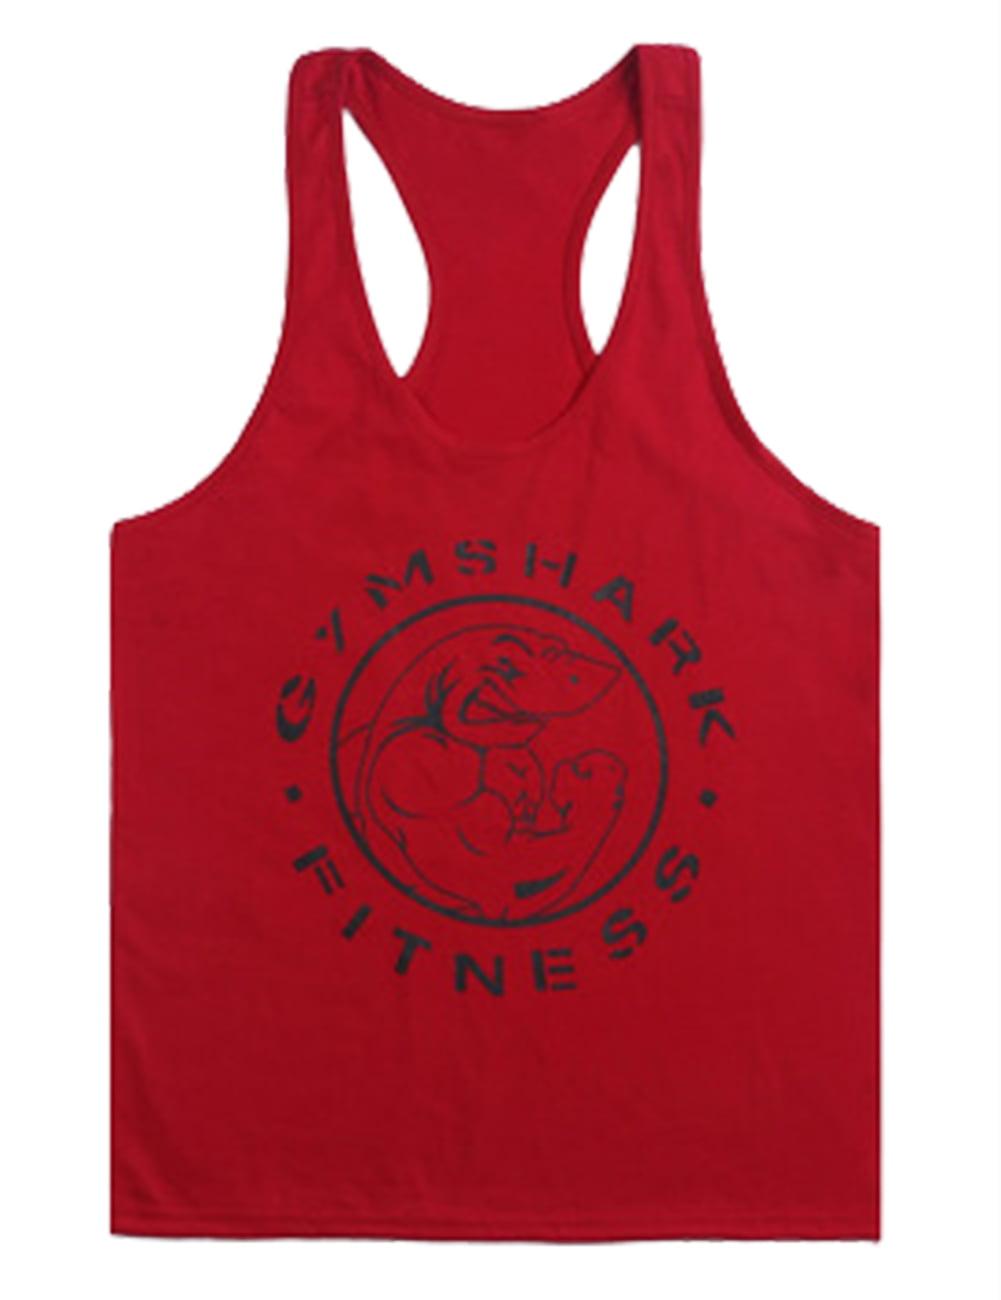 Kojooin kojooin mens gym shark print stringer bodybuilding gym